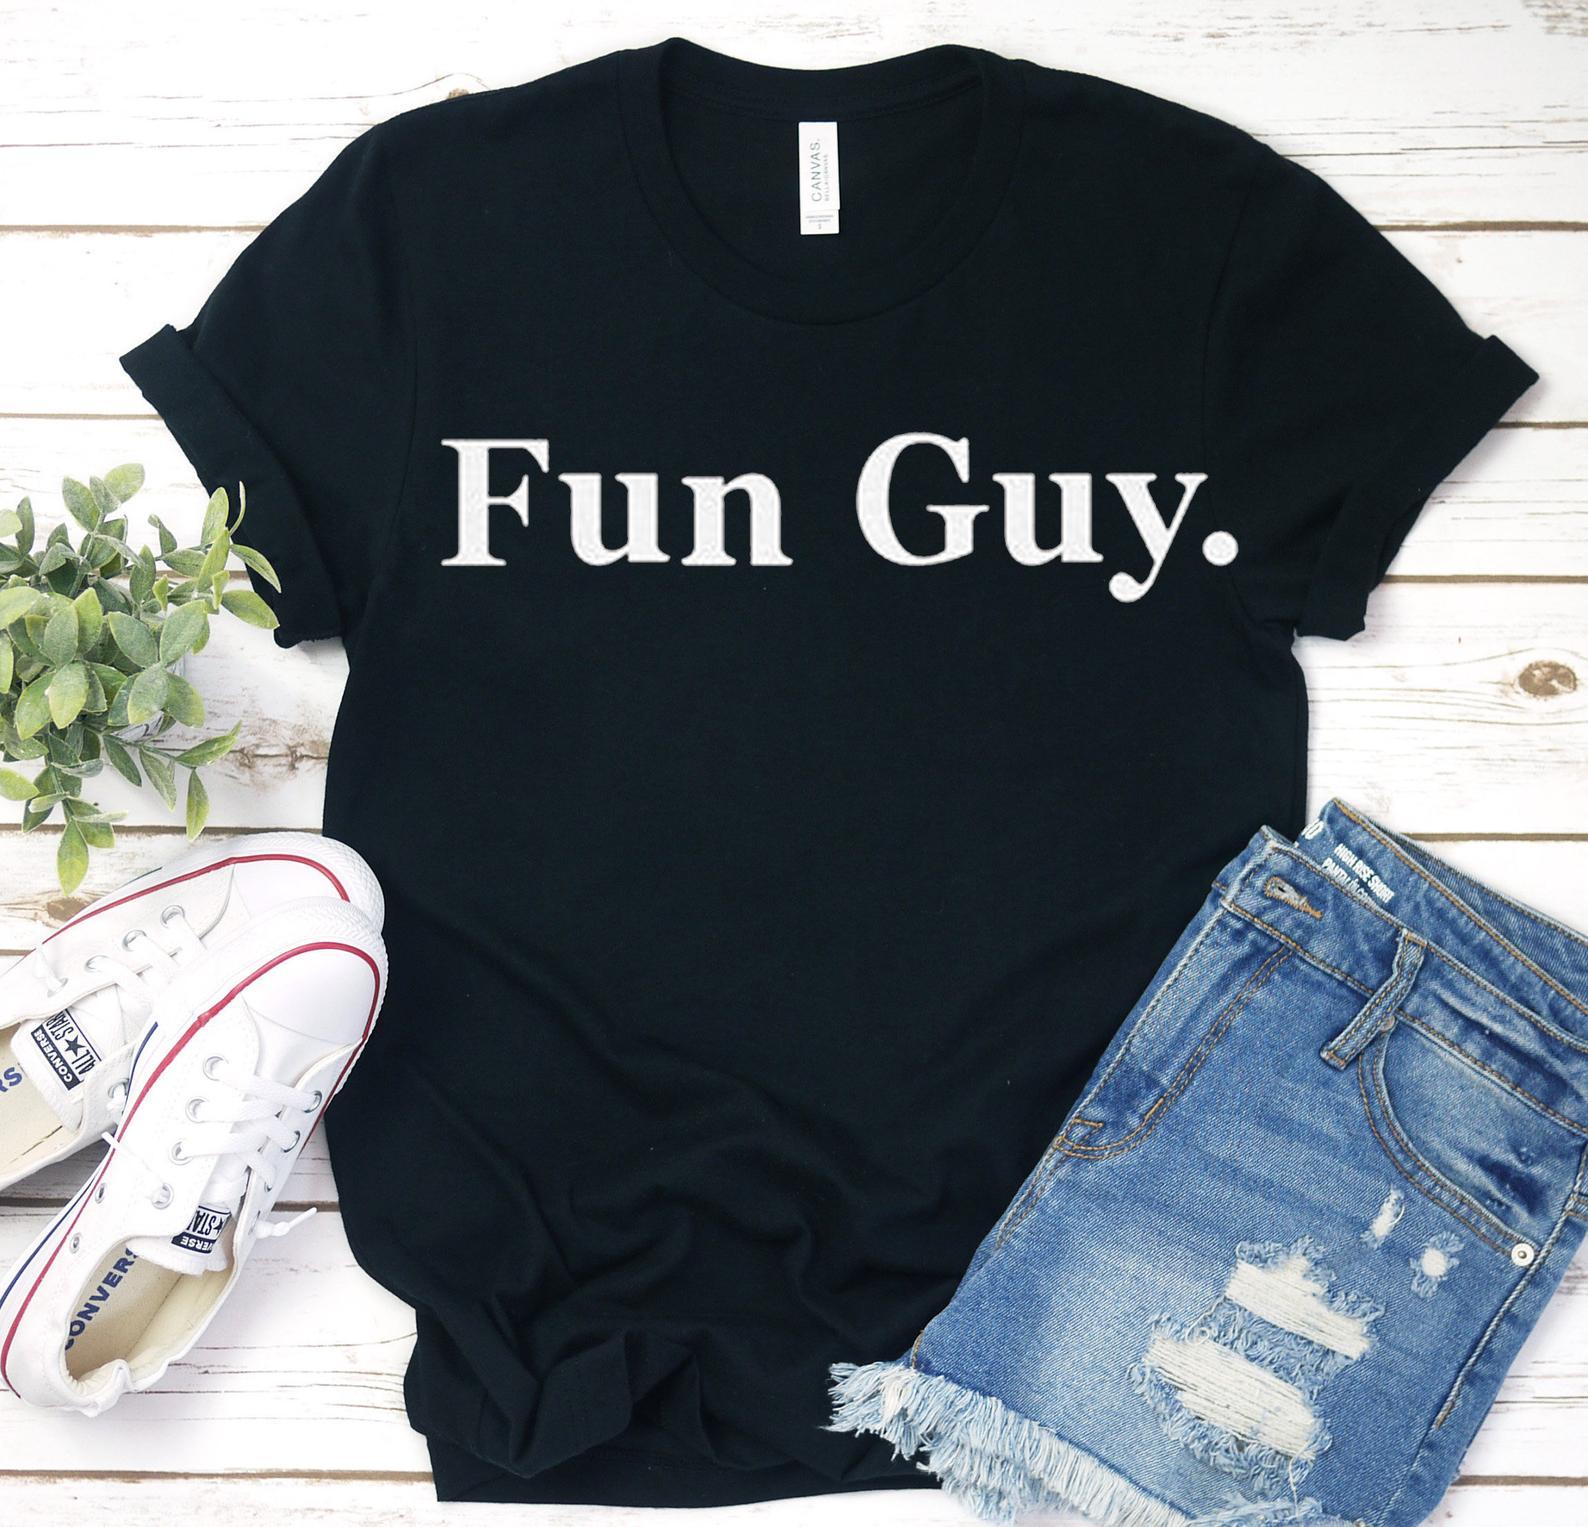 c01f49cd52c Fun Guy Kawhi Leonard New Balance Shirt Im a fun guy shirt Toronto Raptors  NBA Kawhi Leonard Shirt